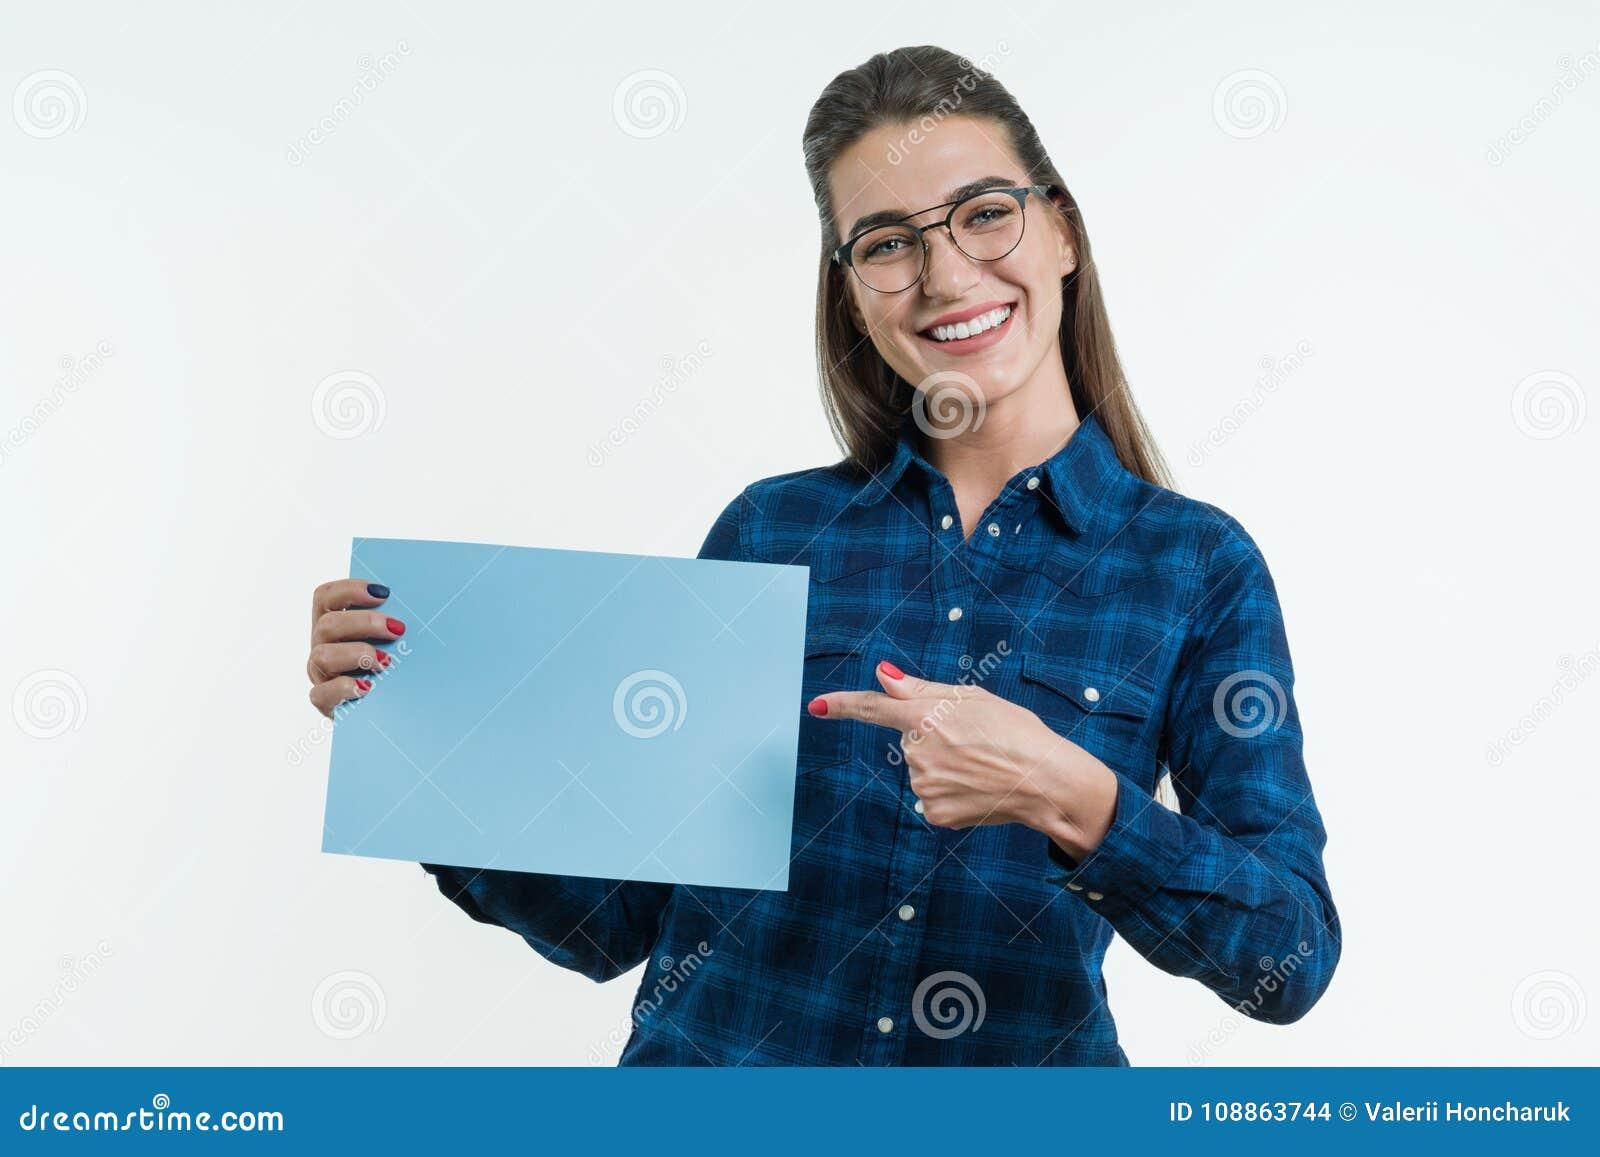 Положительный усмехаясь студент девушки держа очищенный лист голубой бумаги, указывая палец на бумагу